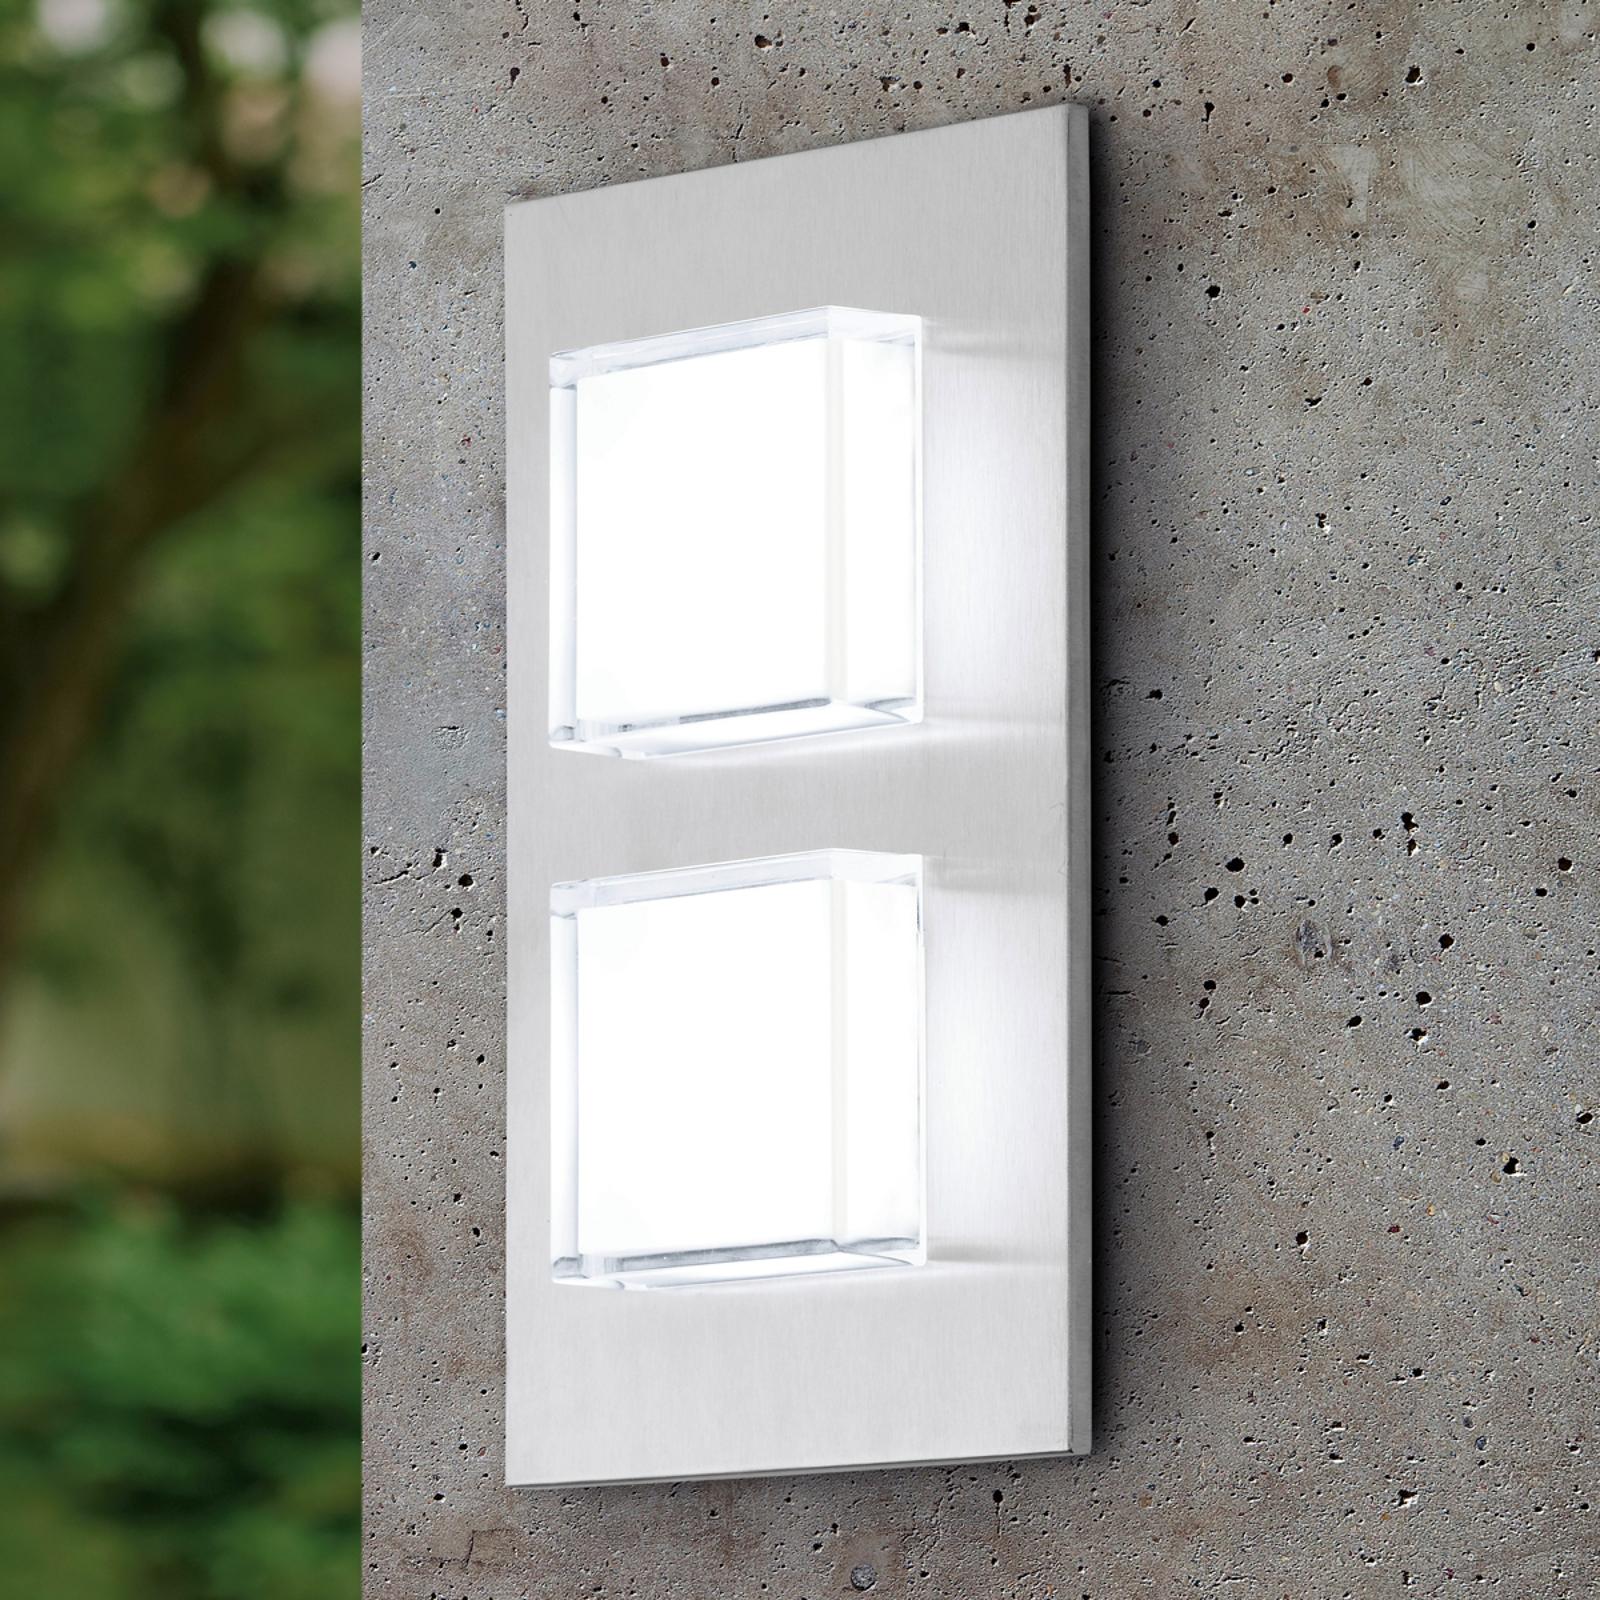 Applique LED da esterno Pias a due luci